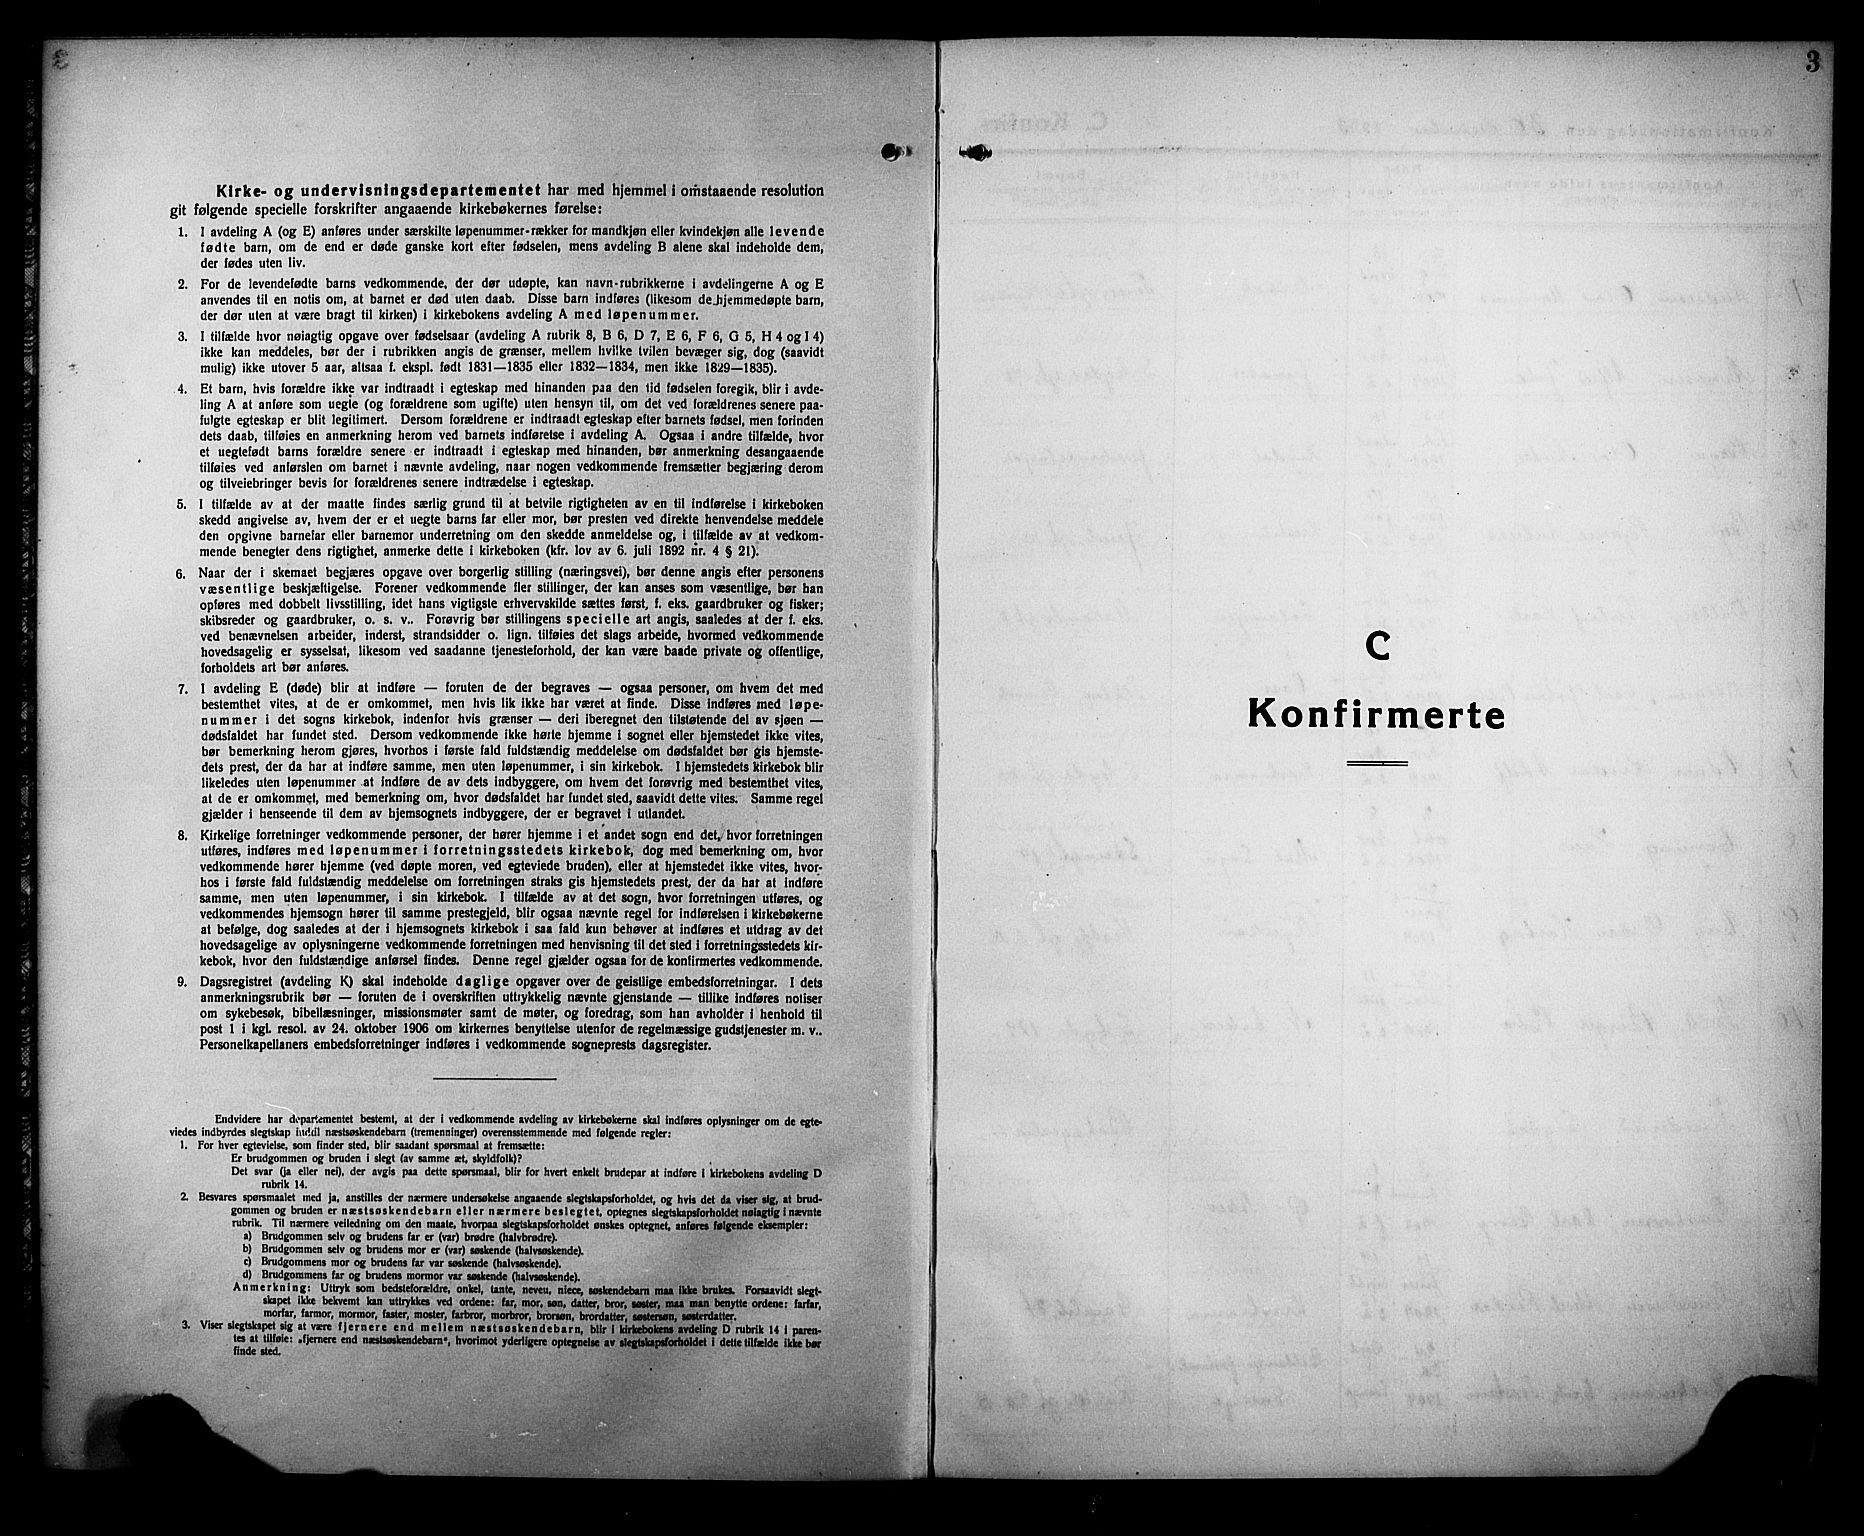 SAKO, Rjukan kirkebøker, G/Ga/L0004: Klokkerbok nr. 4, 1923-1932, s. 3